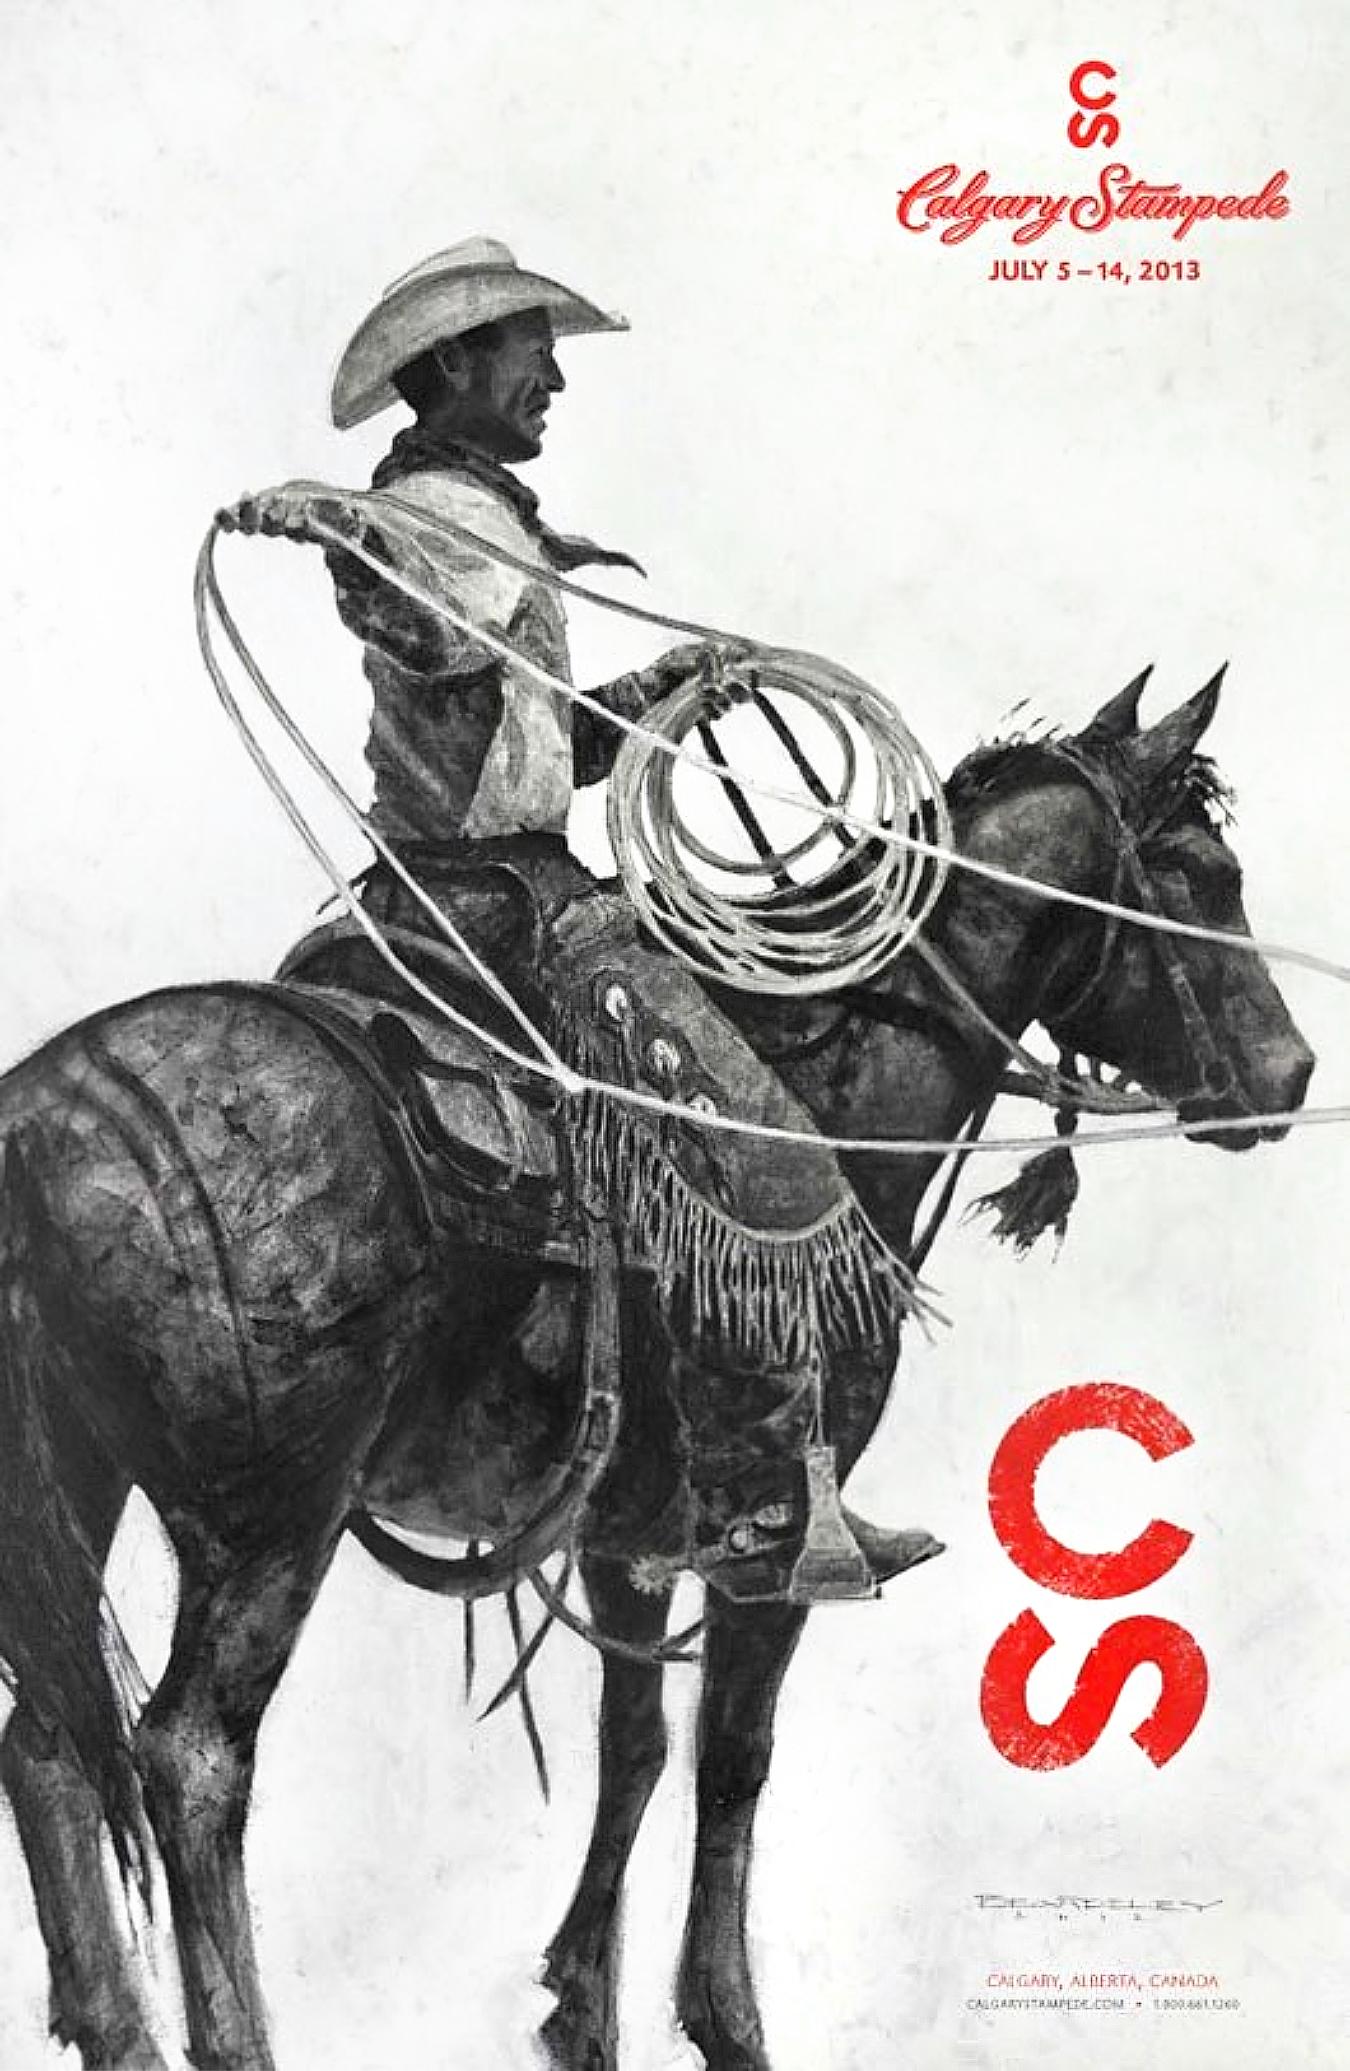 Calgary Stampede 2019 My Favorite Westerns